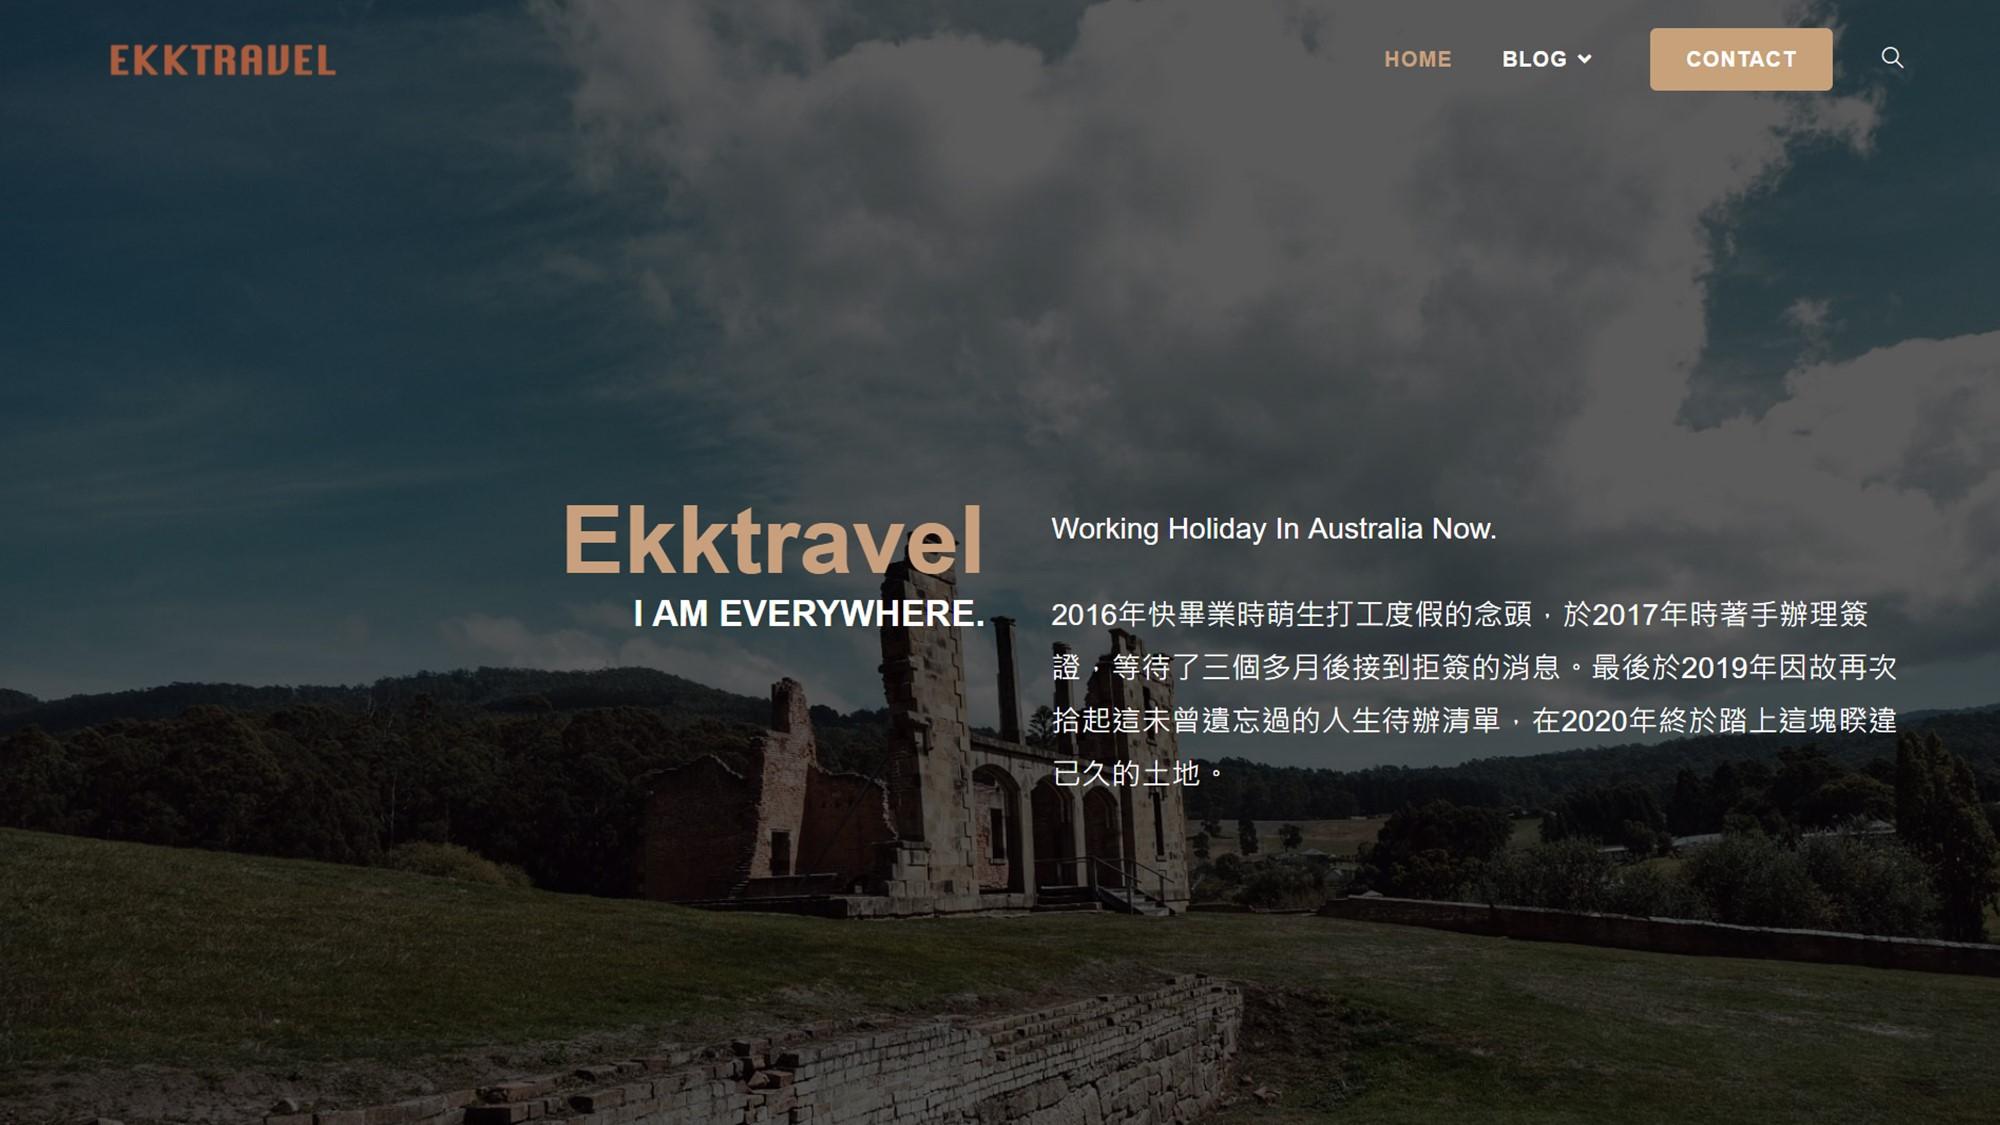 ekktravel-featured-image